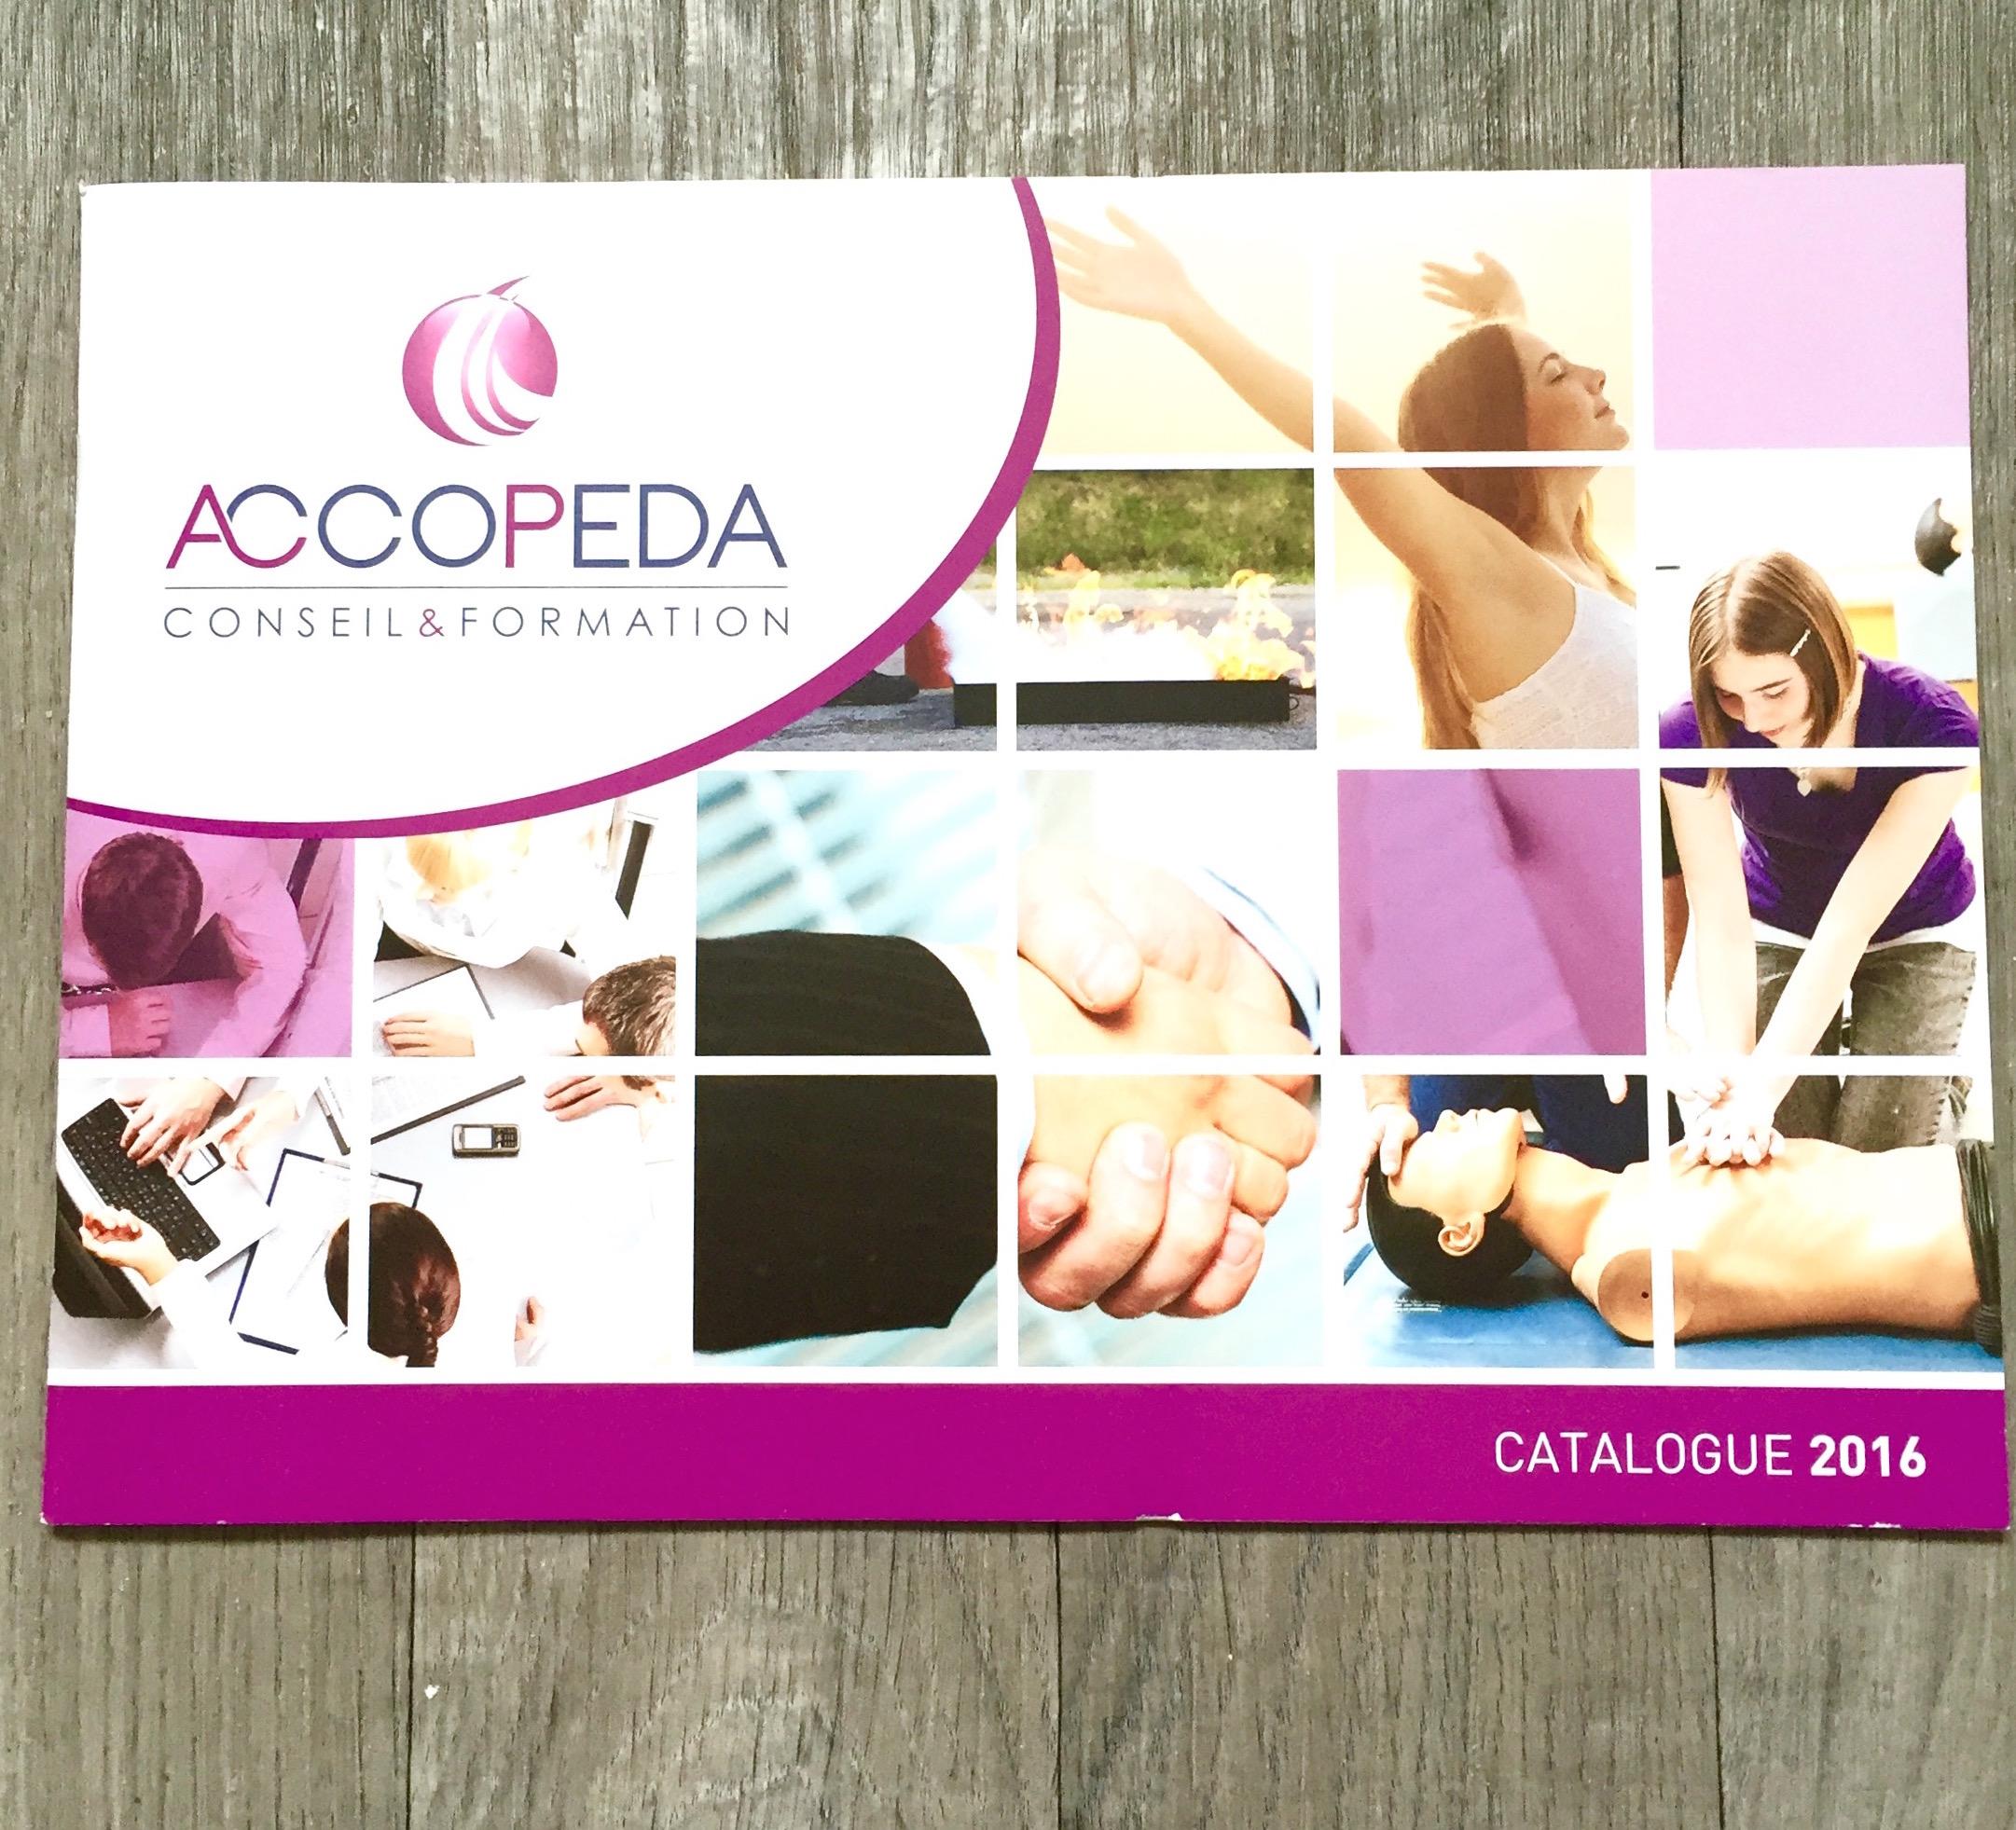 catalogue-accopeda--2.jpg